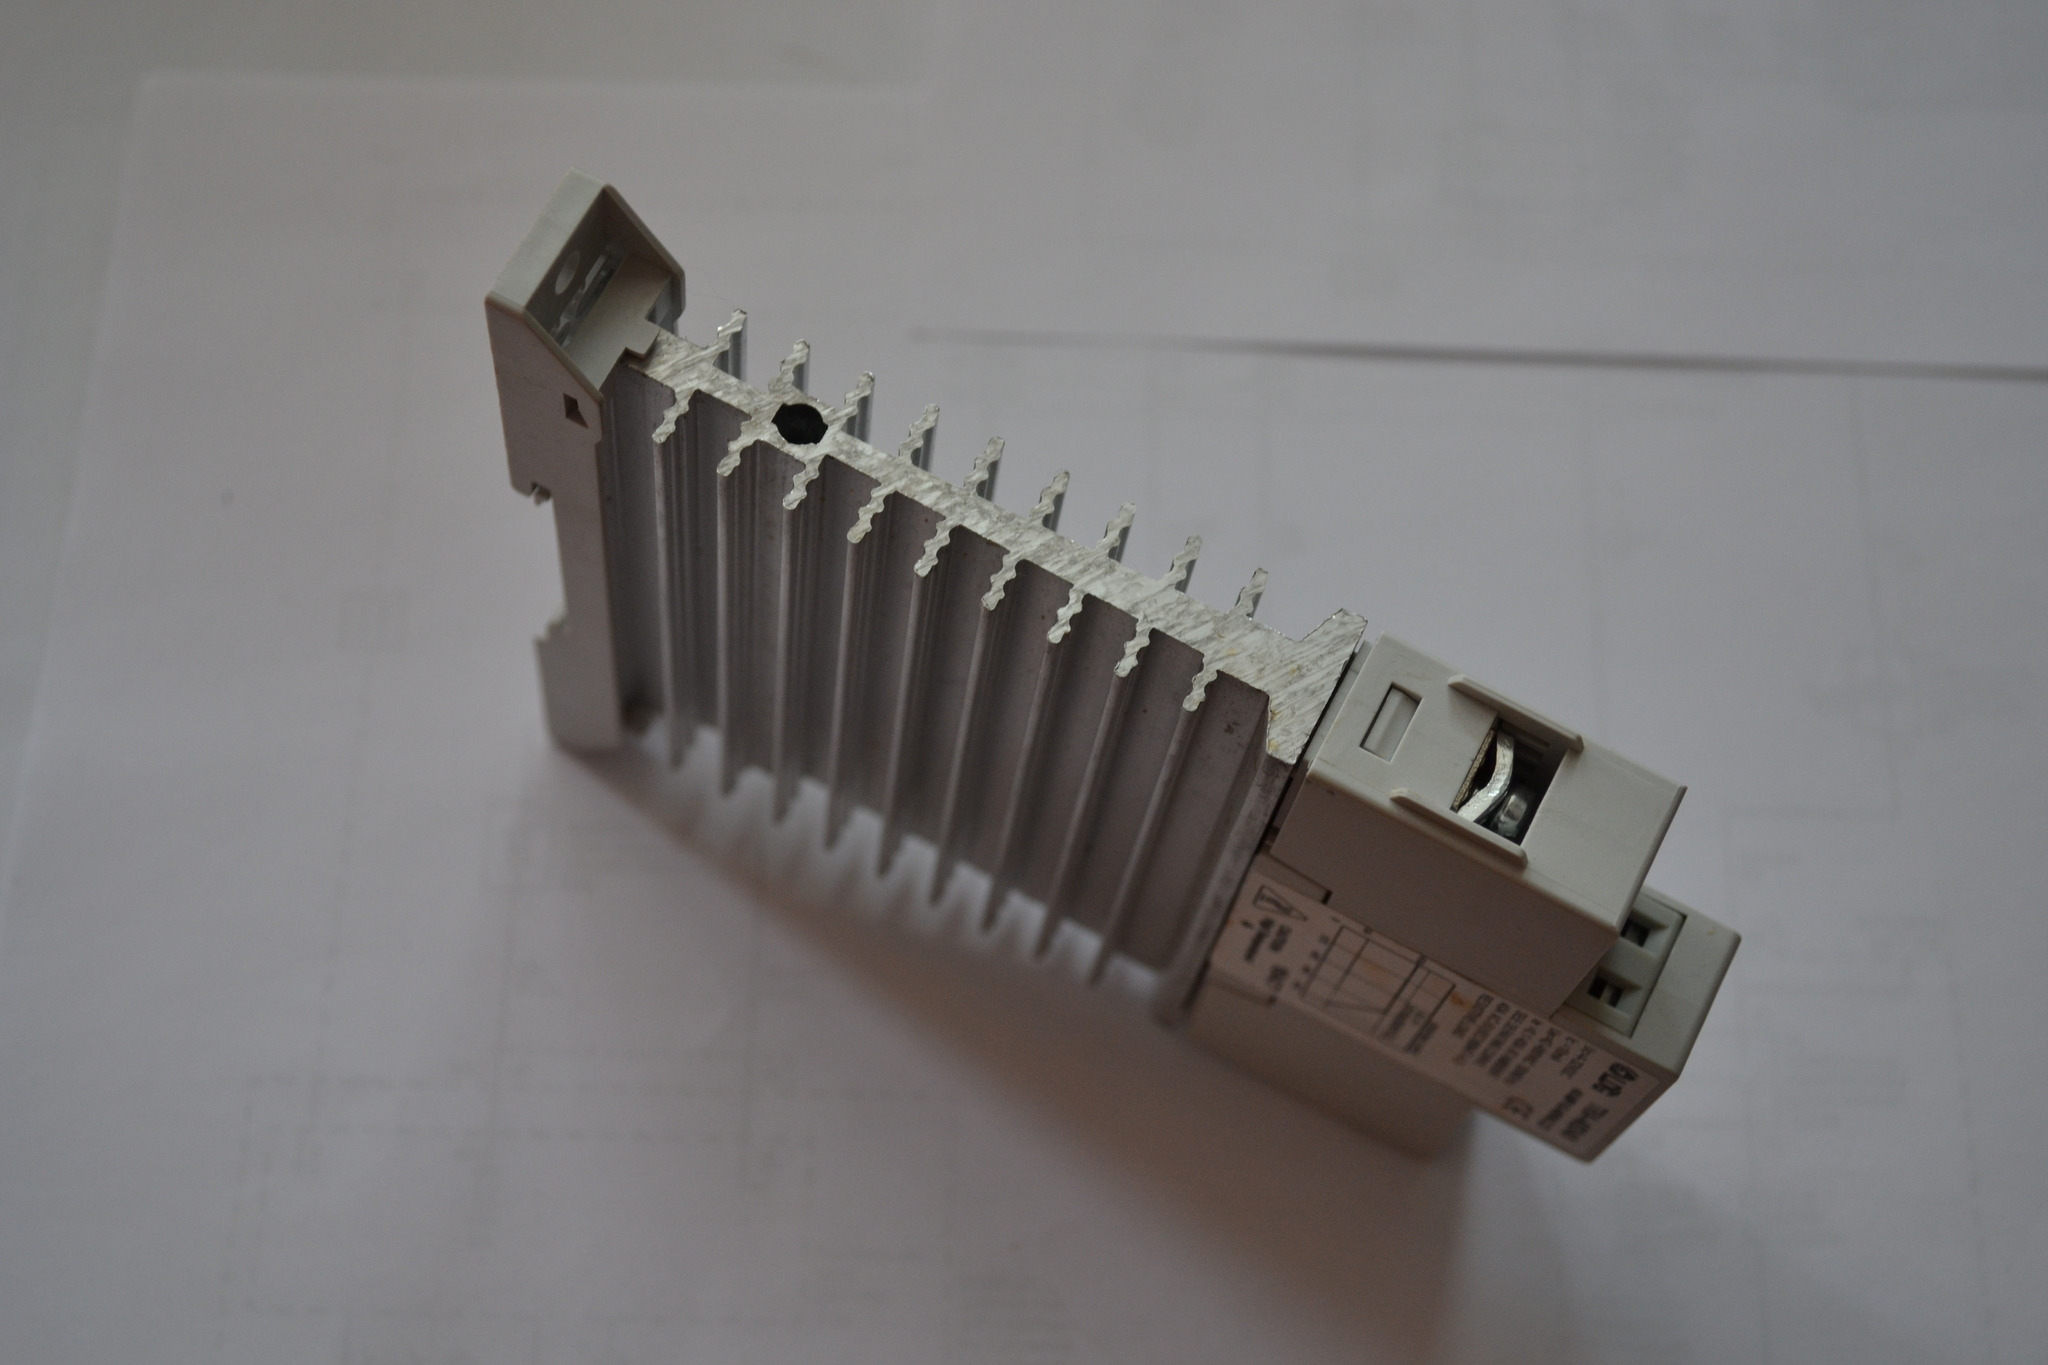 TRA-48D40 ssr